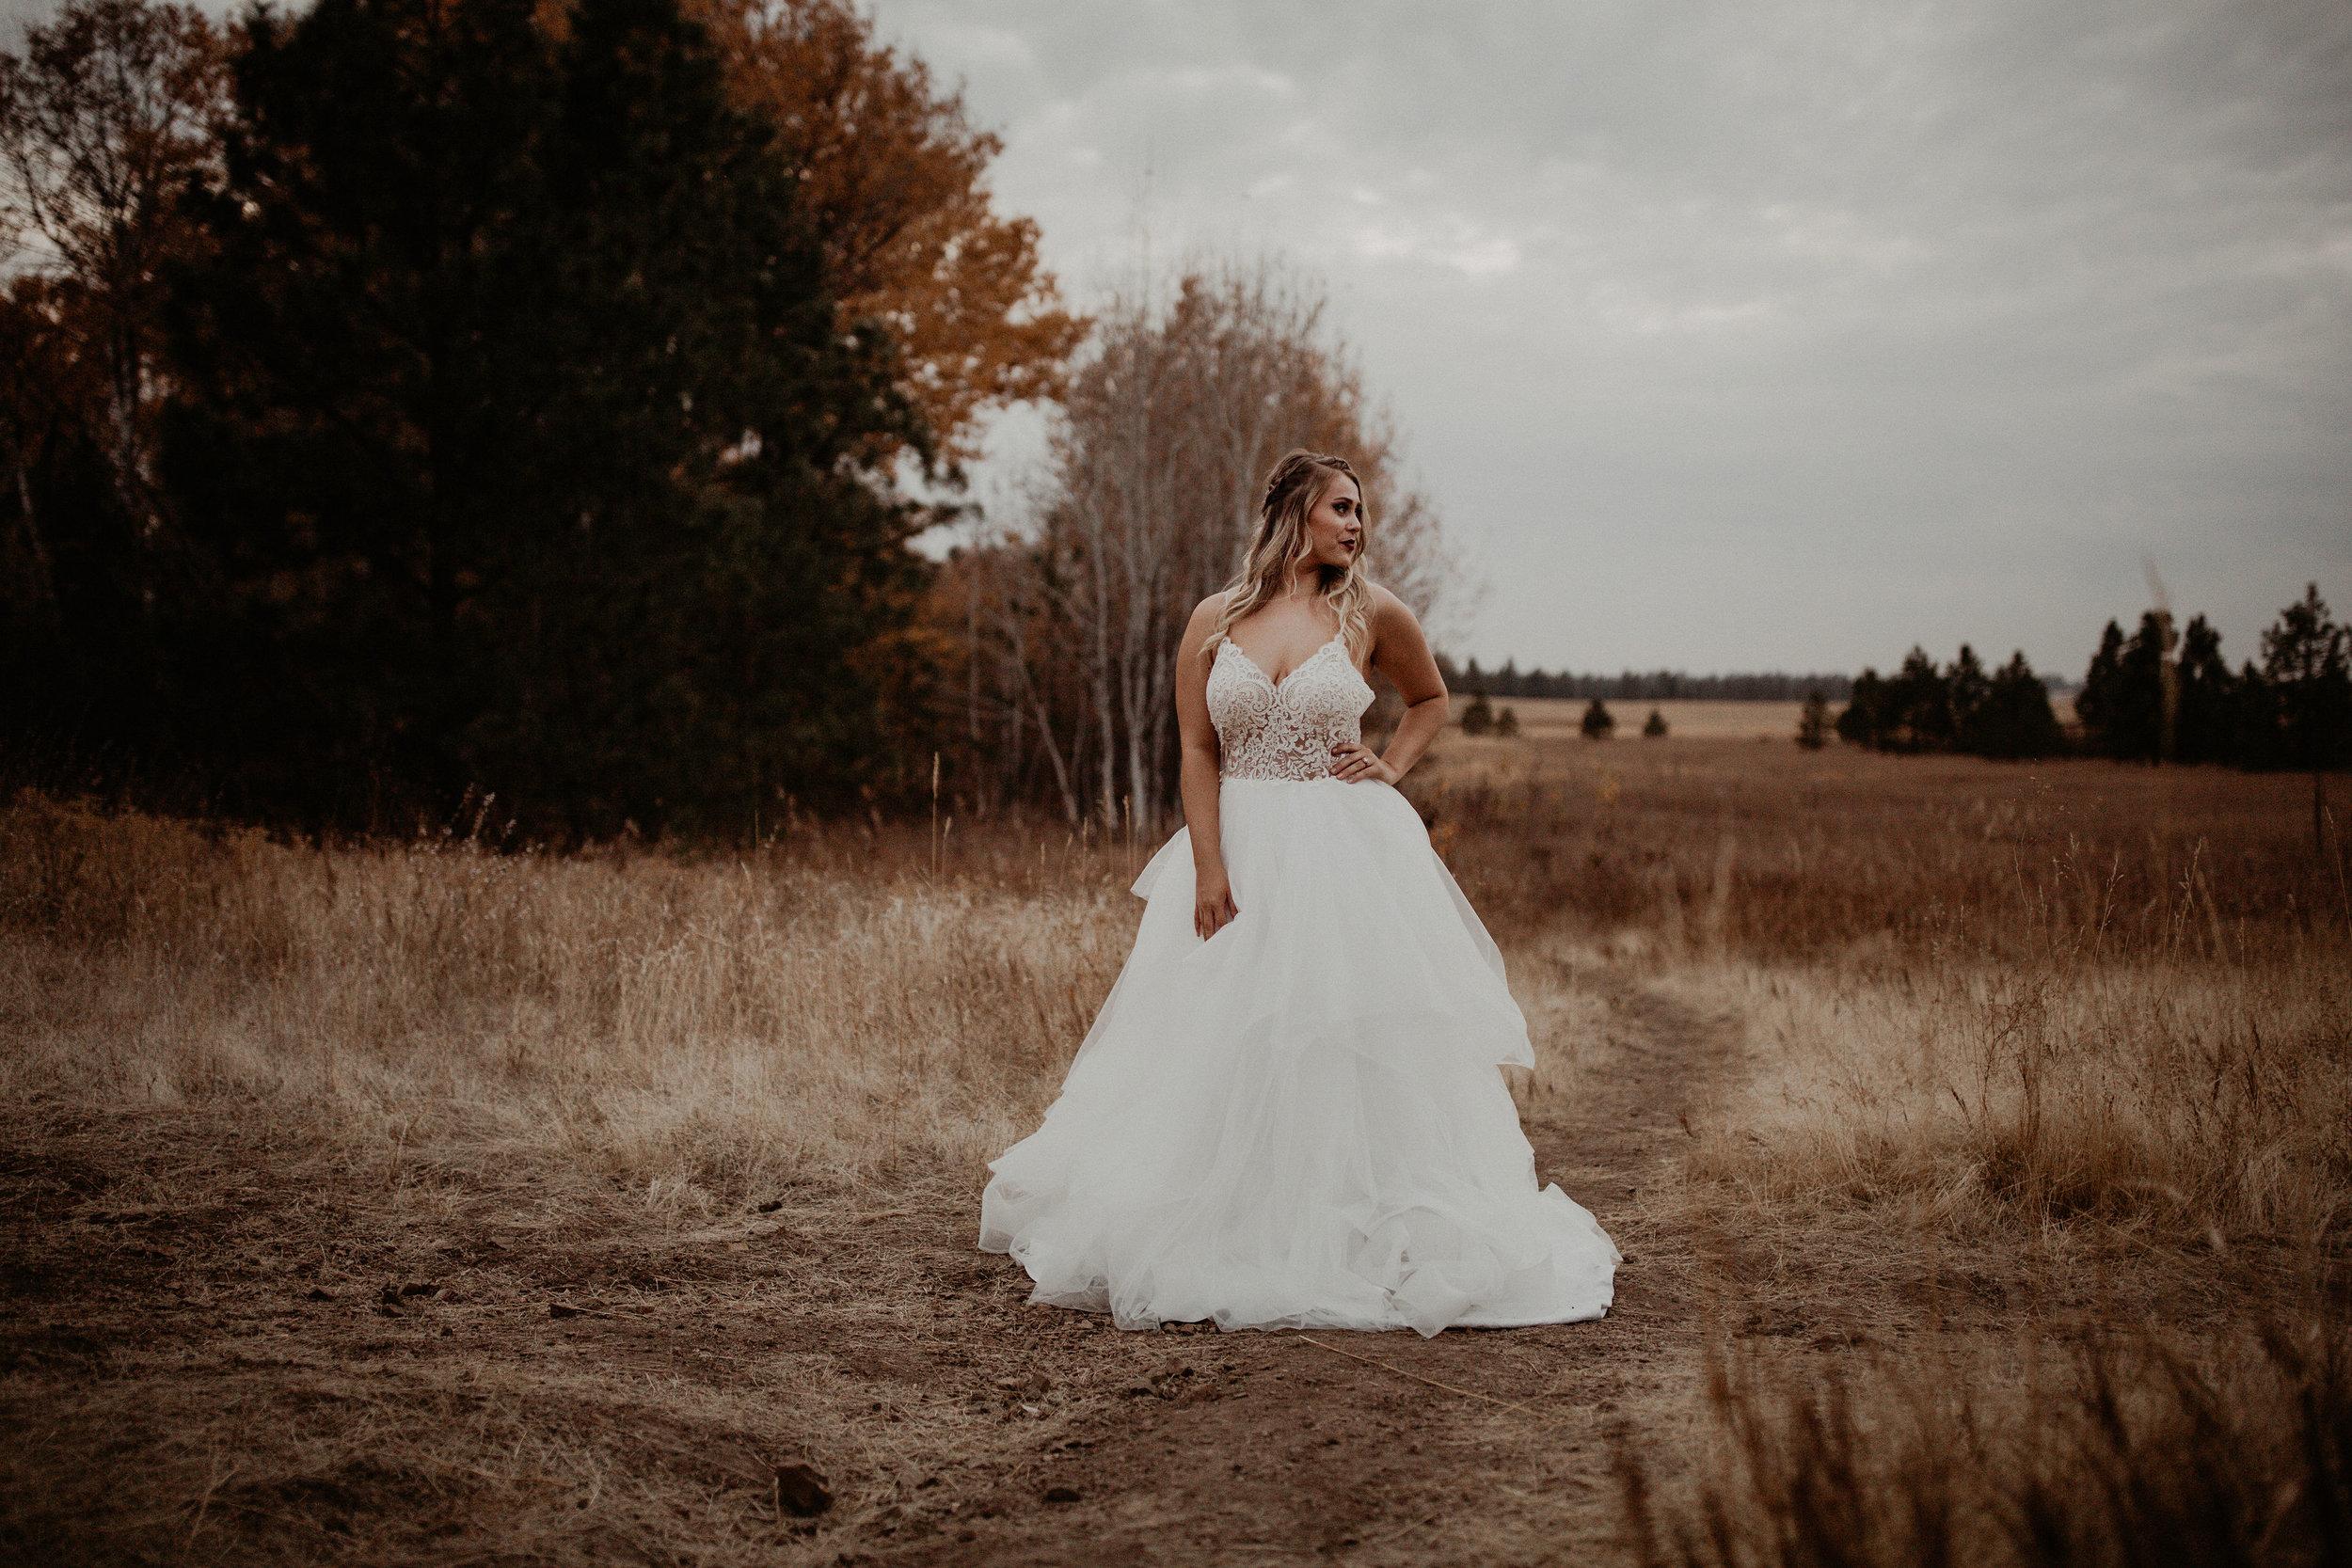 wedding dress in a field blonde bride